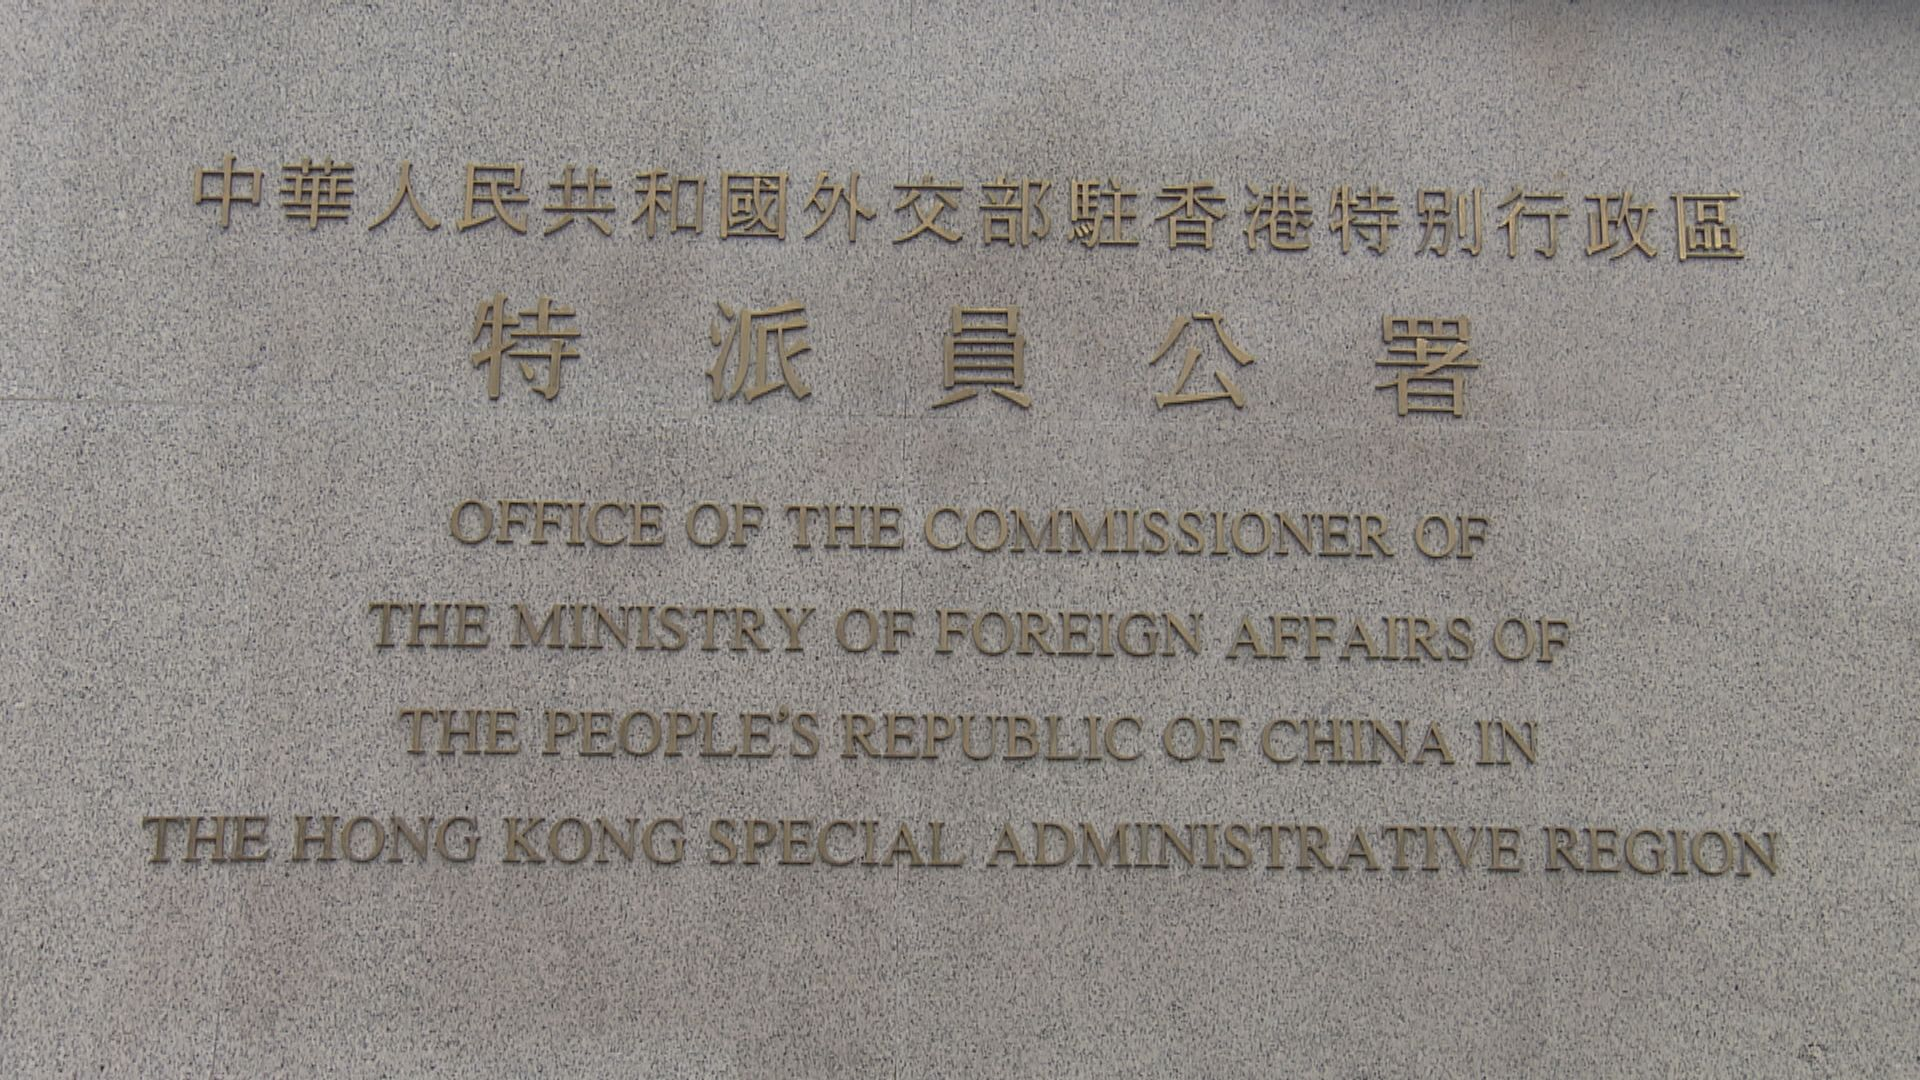 外交部駐港公署:修訂逃犯條例屬香港內部事務